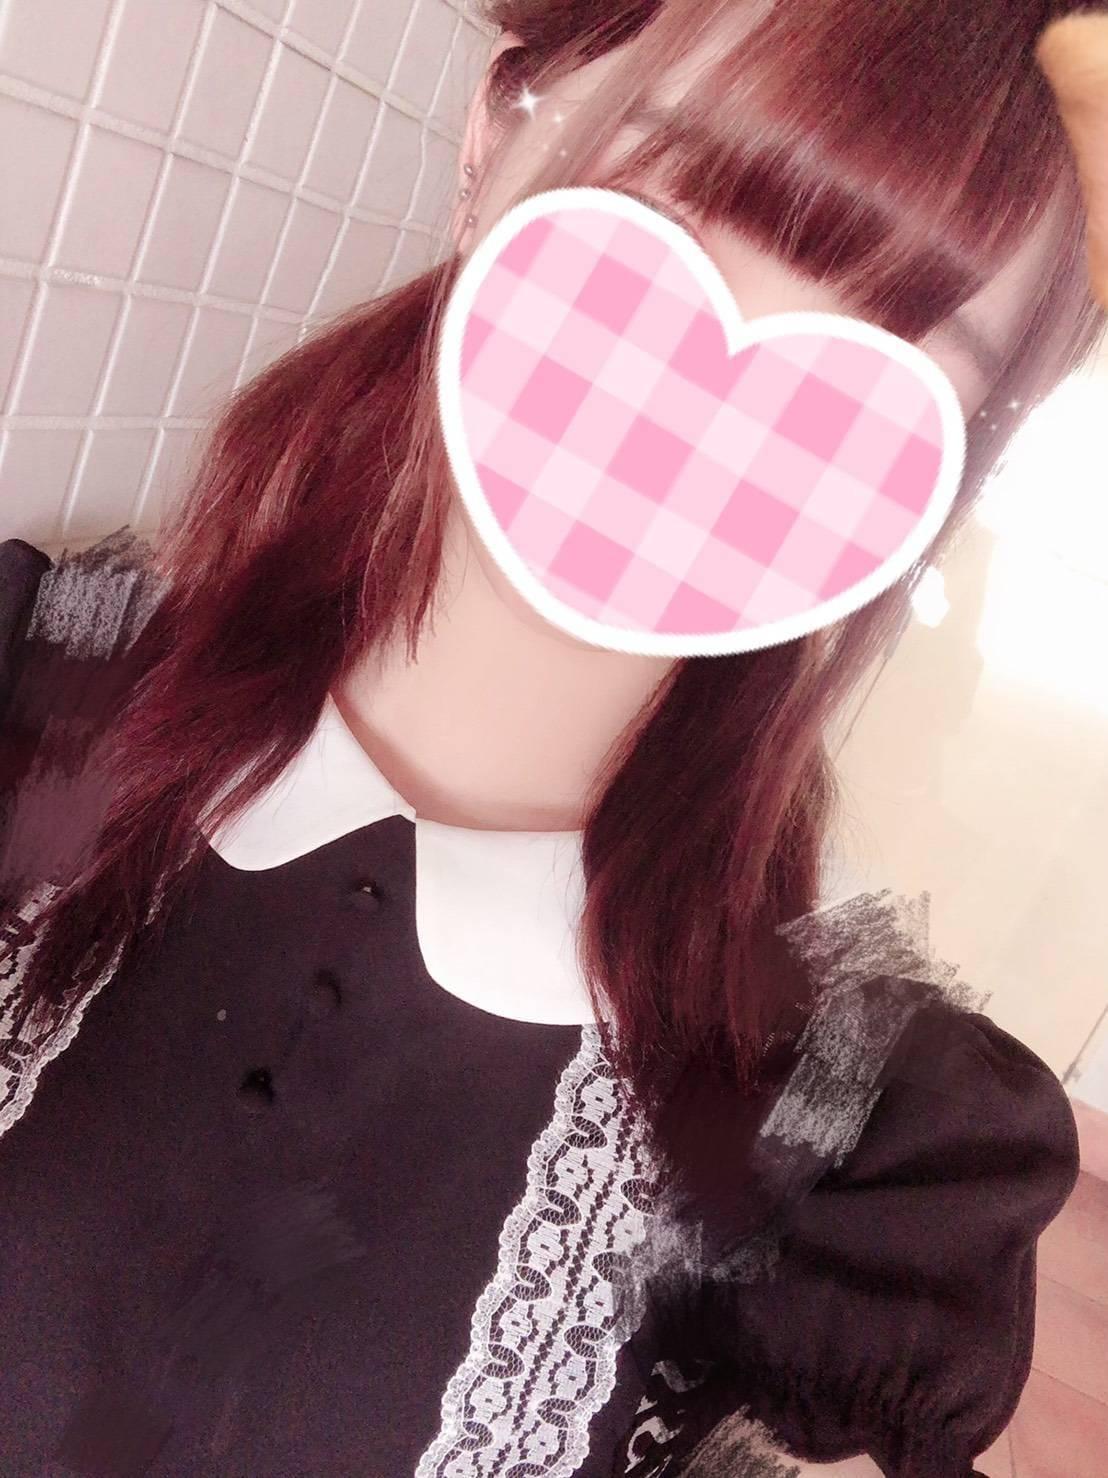 「こんにちわ」09/13(09/13) 10:49 | ありすの写メ・風俗動画